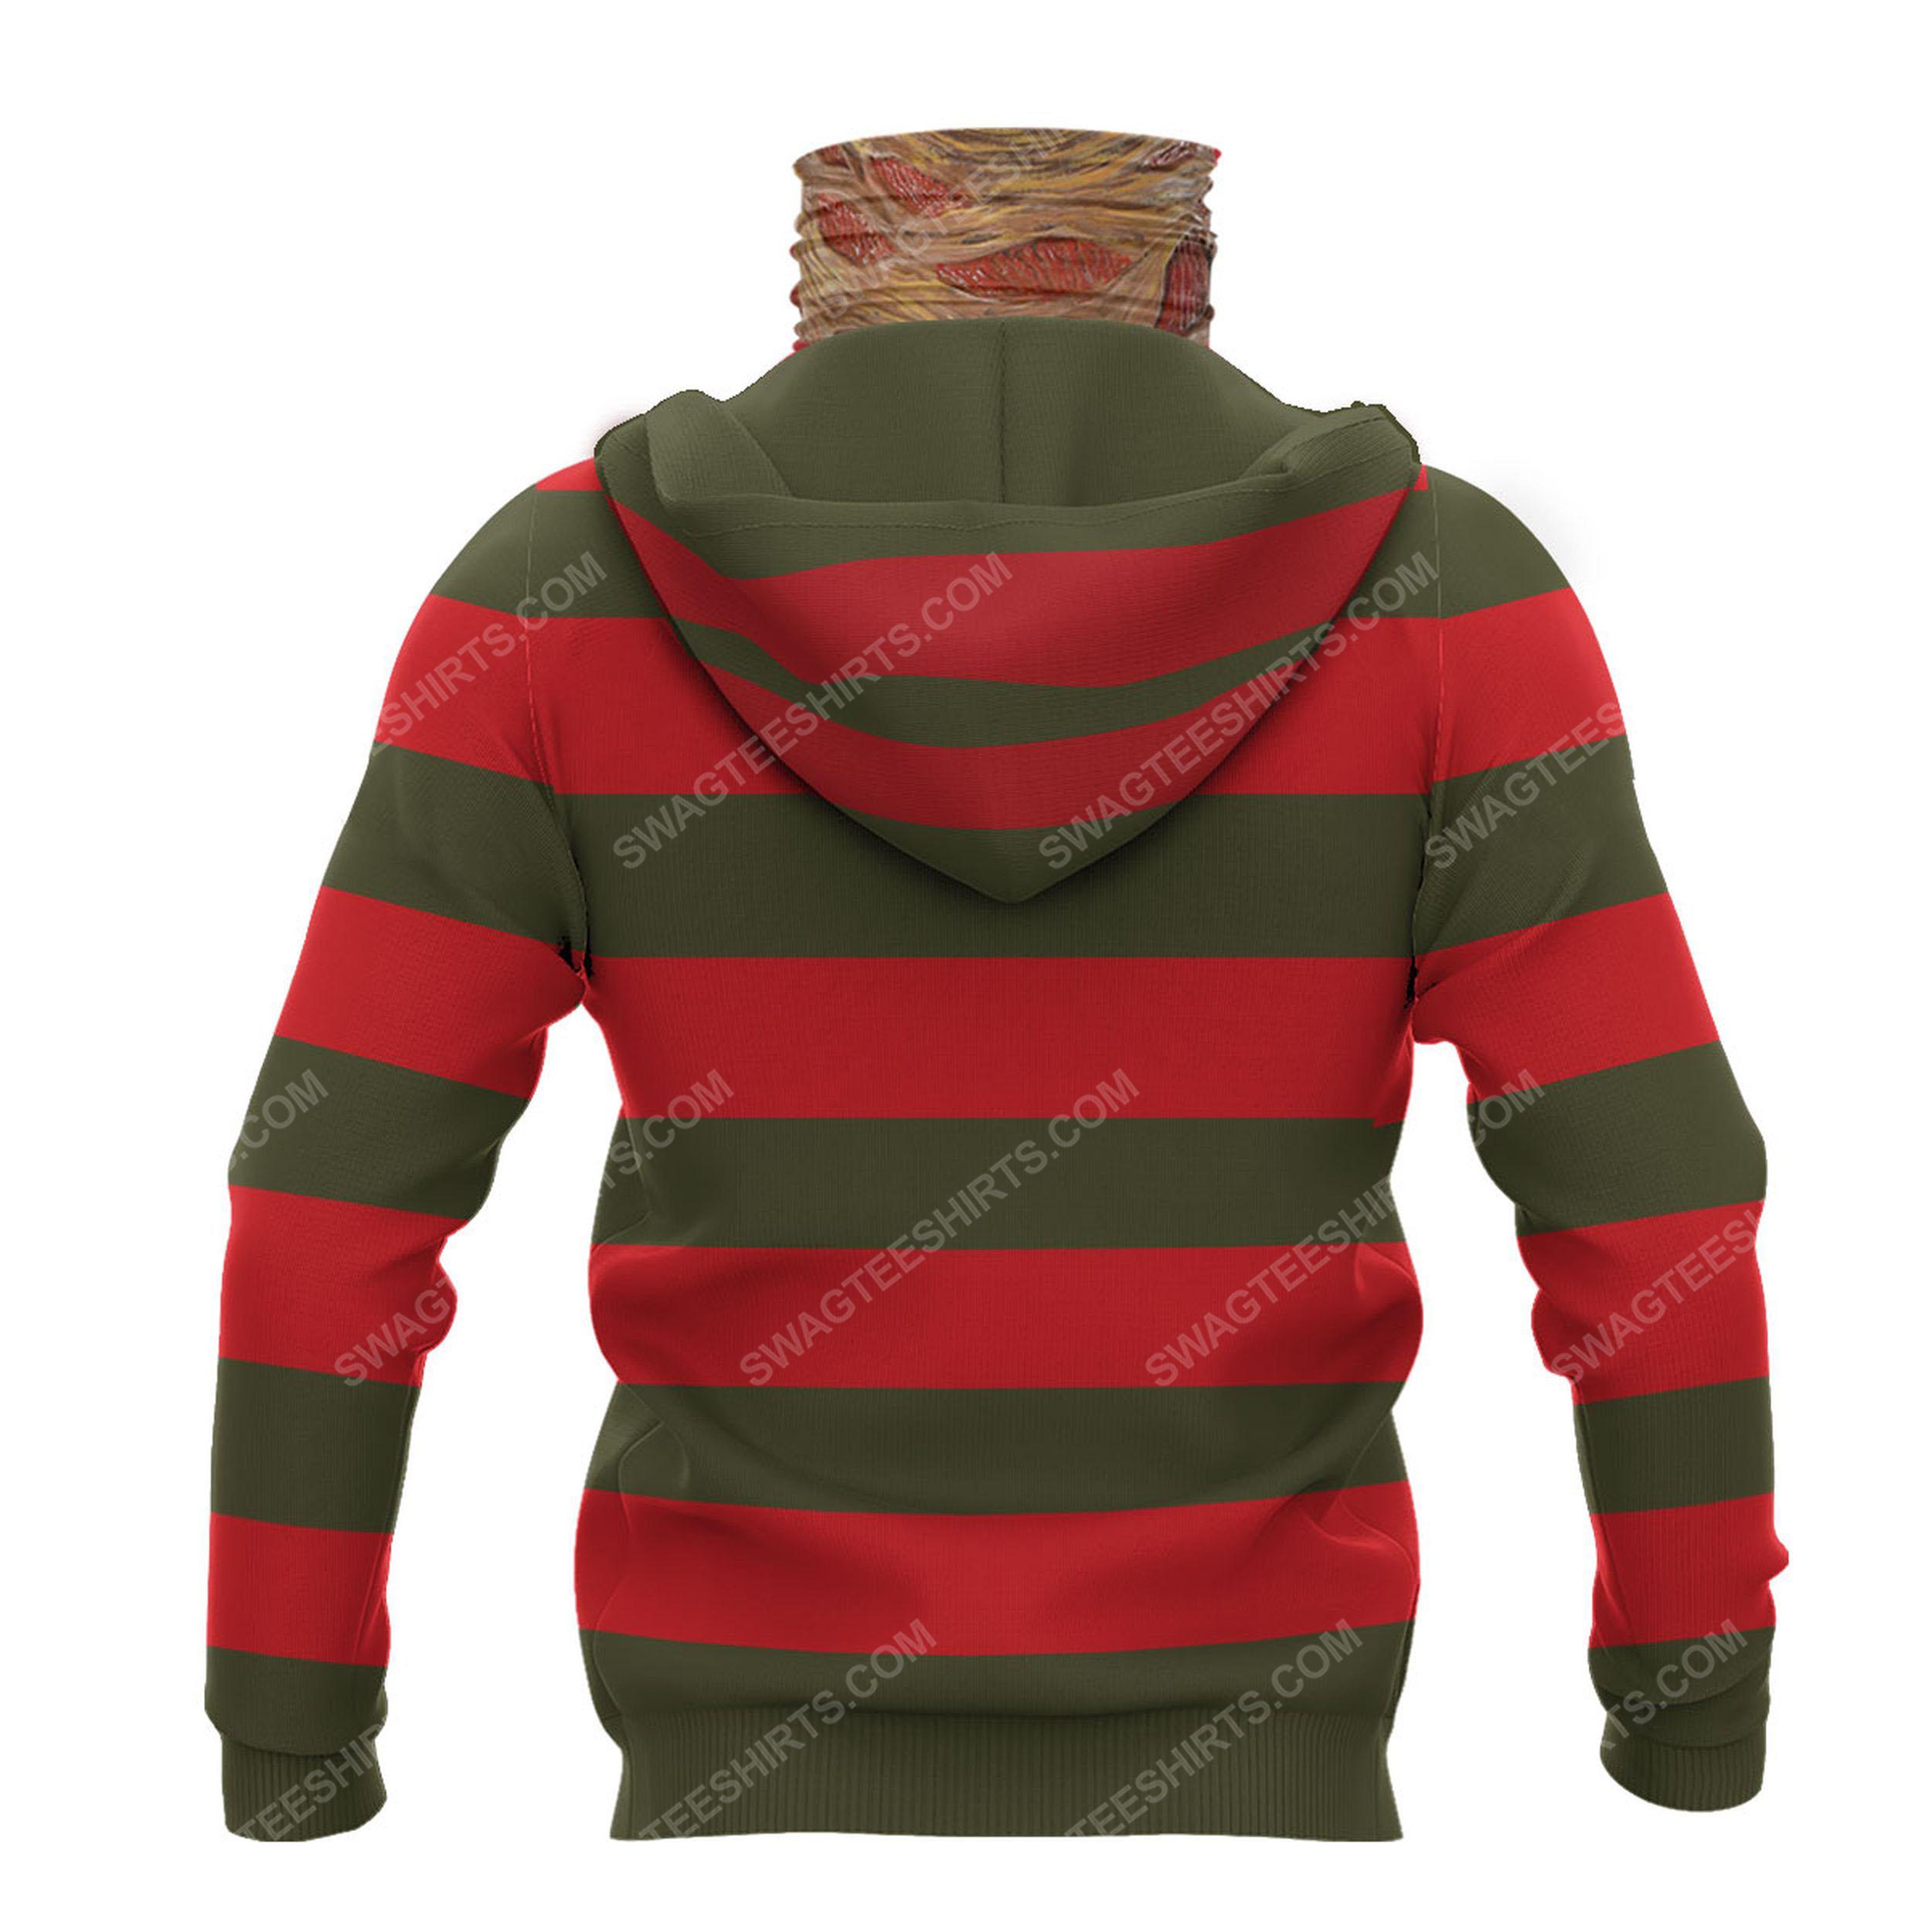 Freddy krueger a nightmare on elm street full print mask hoodie 3(1)